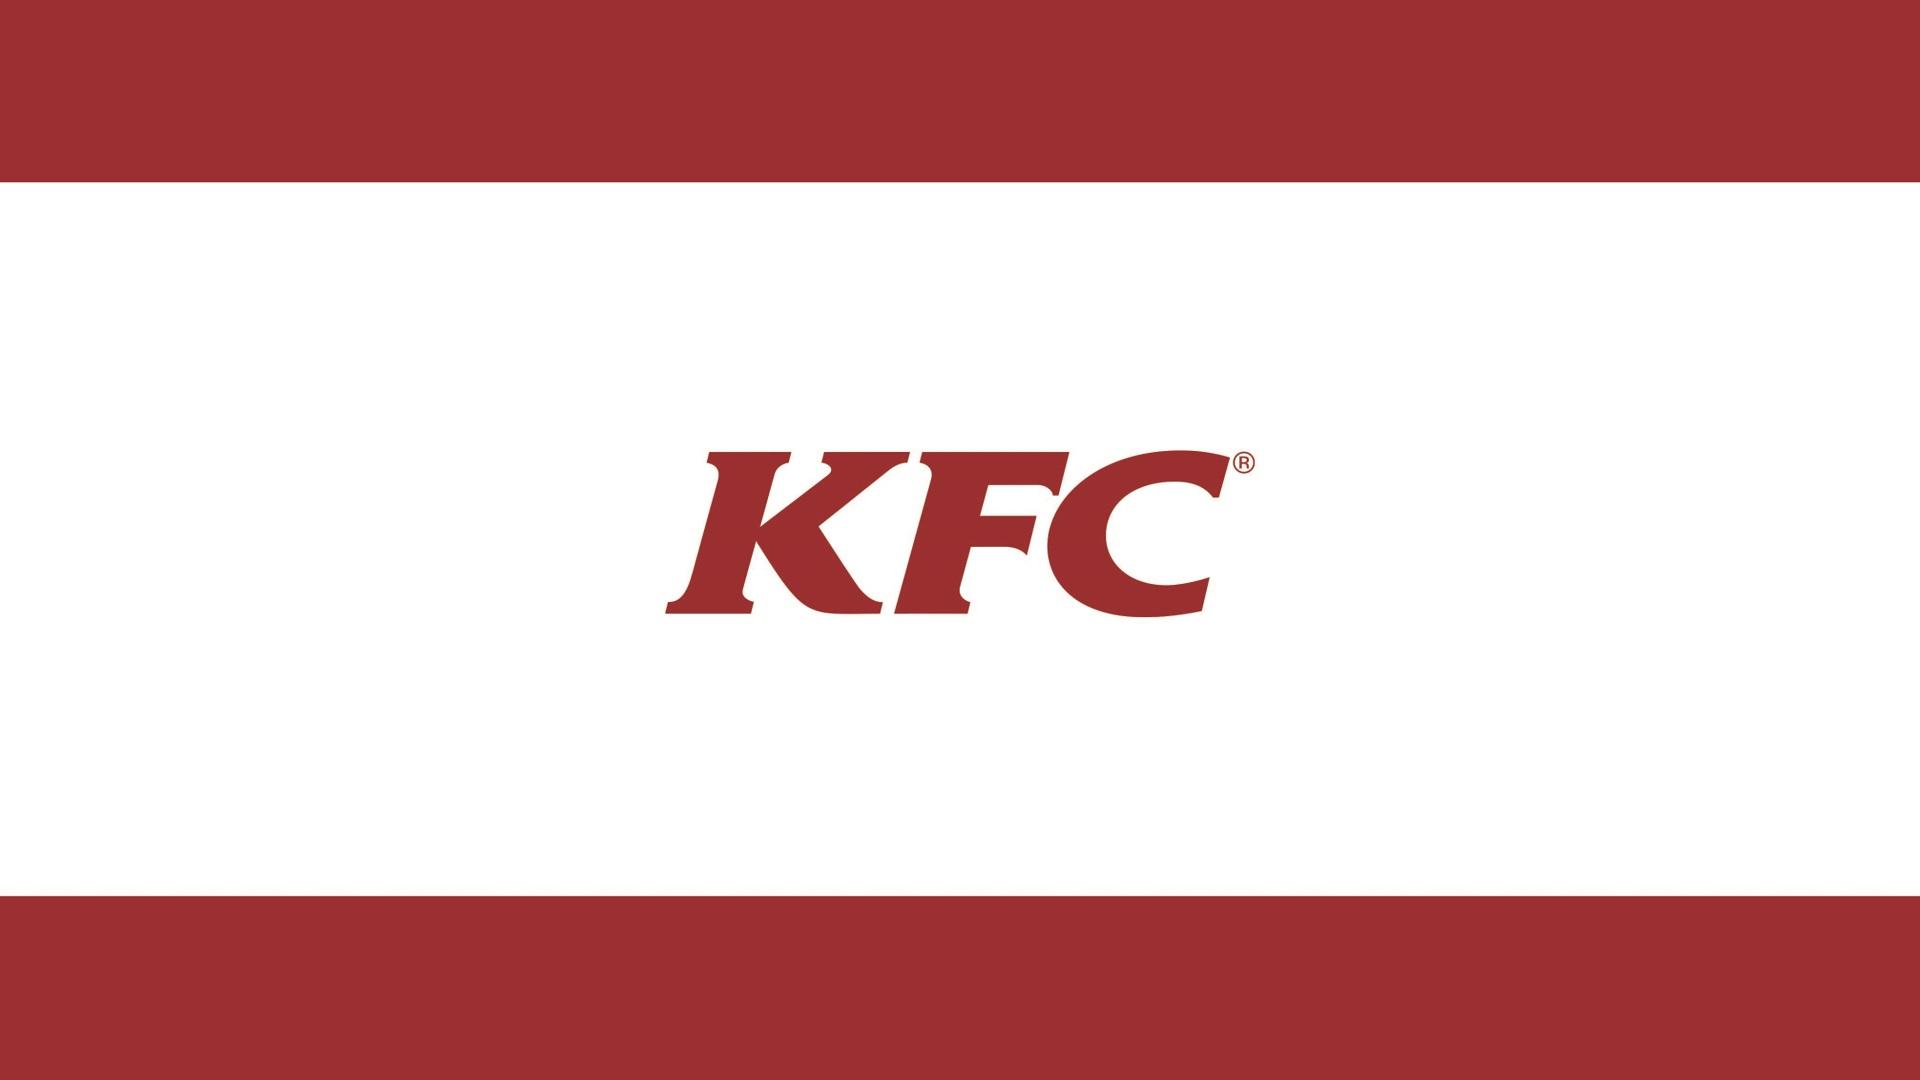 GFX KFC